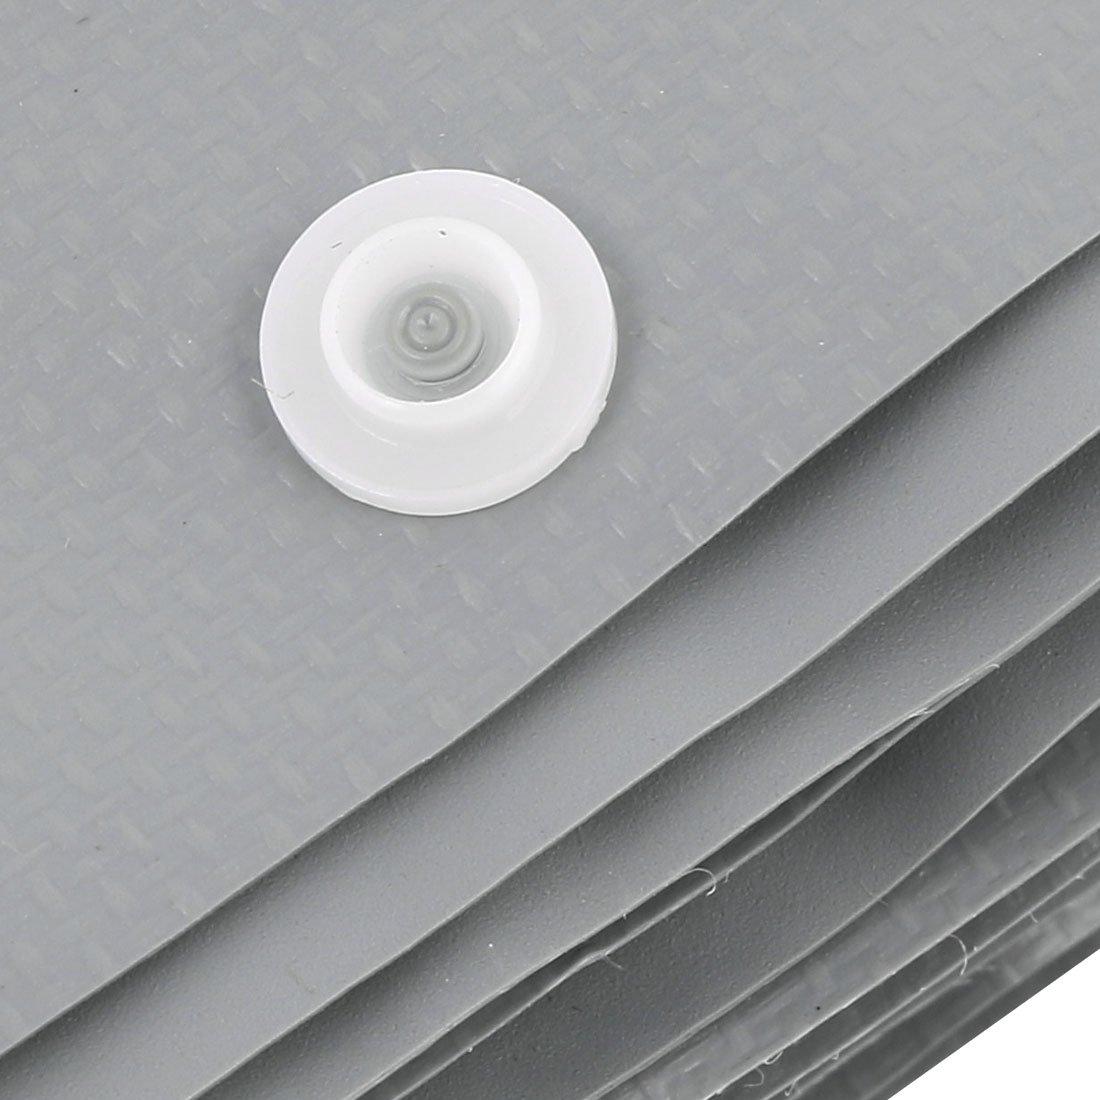 Sourcing Sourcing Sourcing map 10M Drehfeldtyp Kabelschutzschnalle für Verdrahtungsausrüstung V-0 PC-180 B07G35FB8B   Am praktischsten  ff7dad